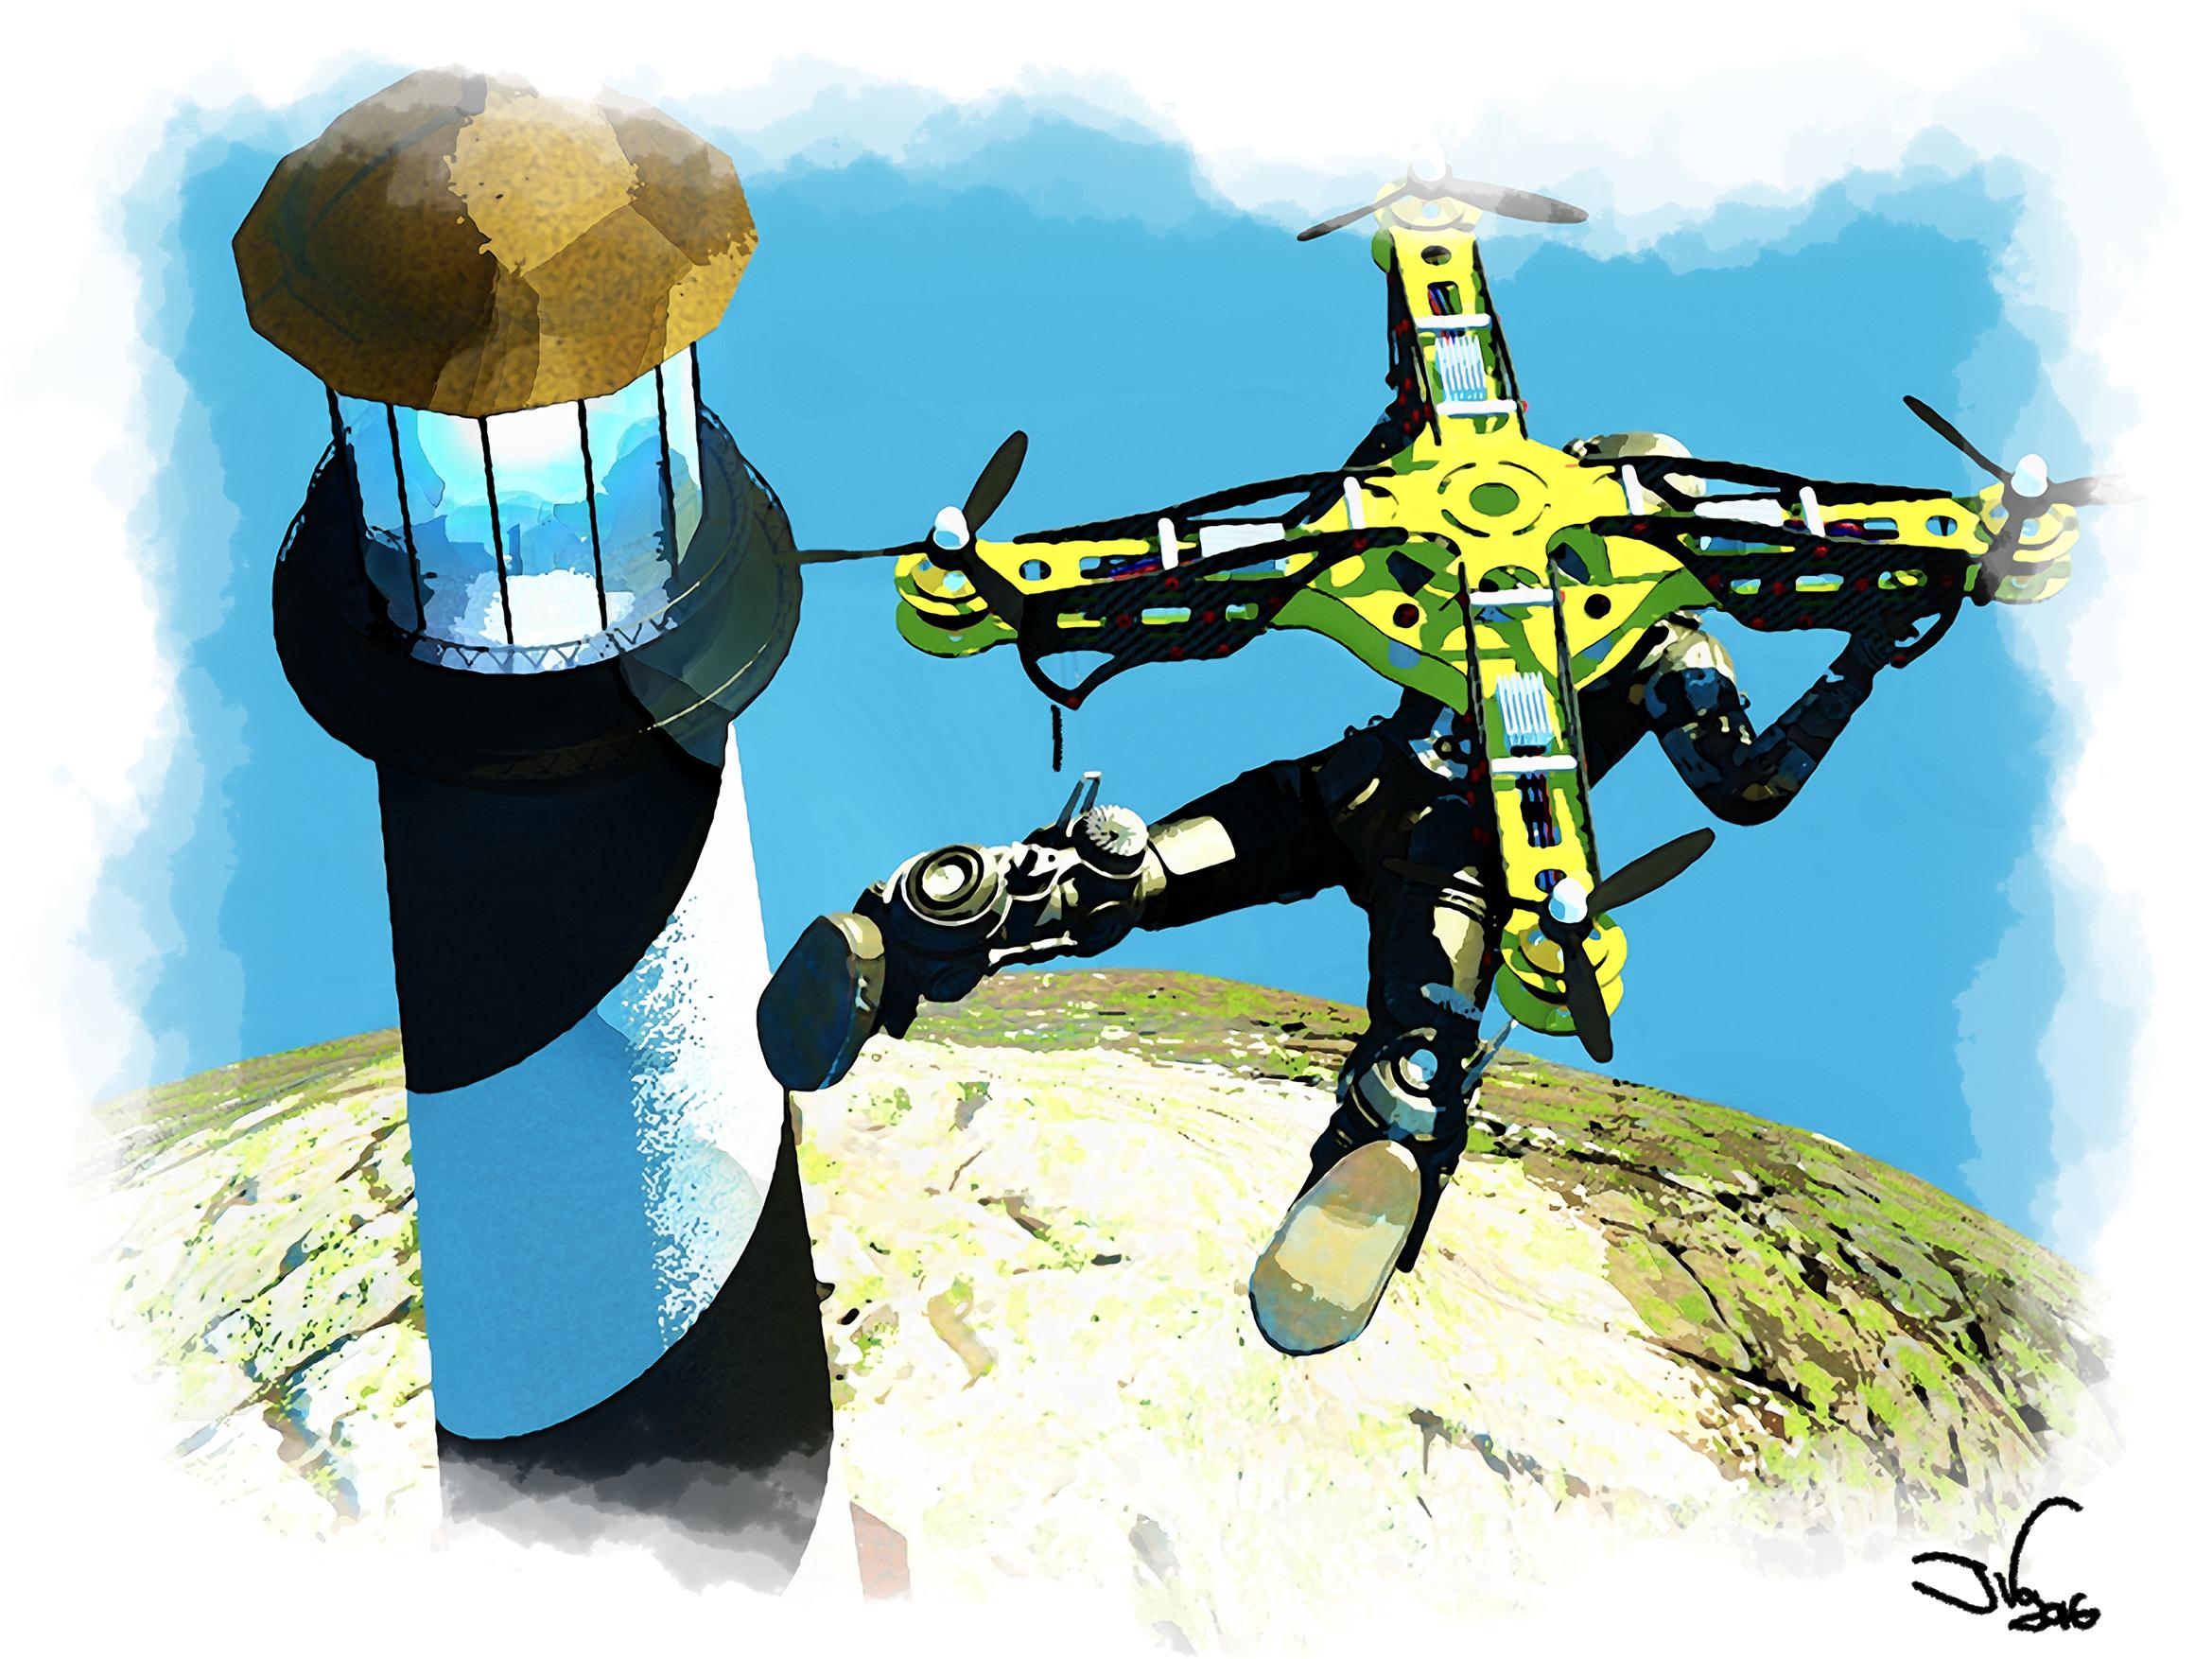 pilote_drone3